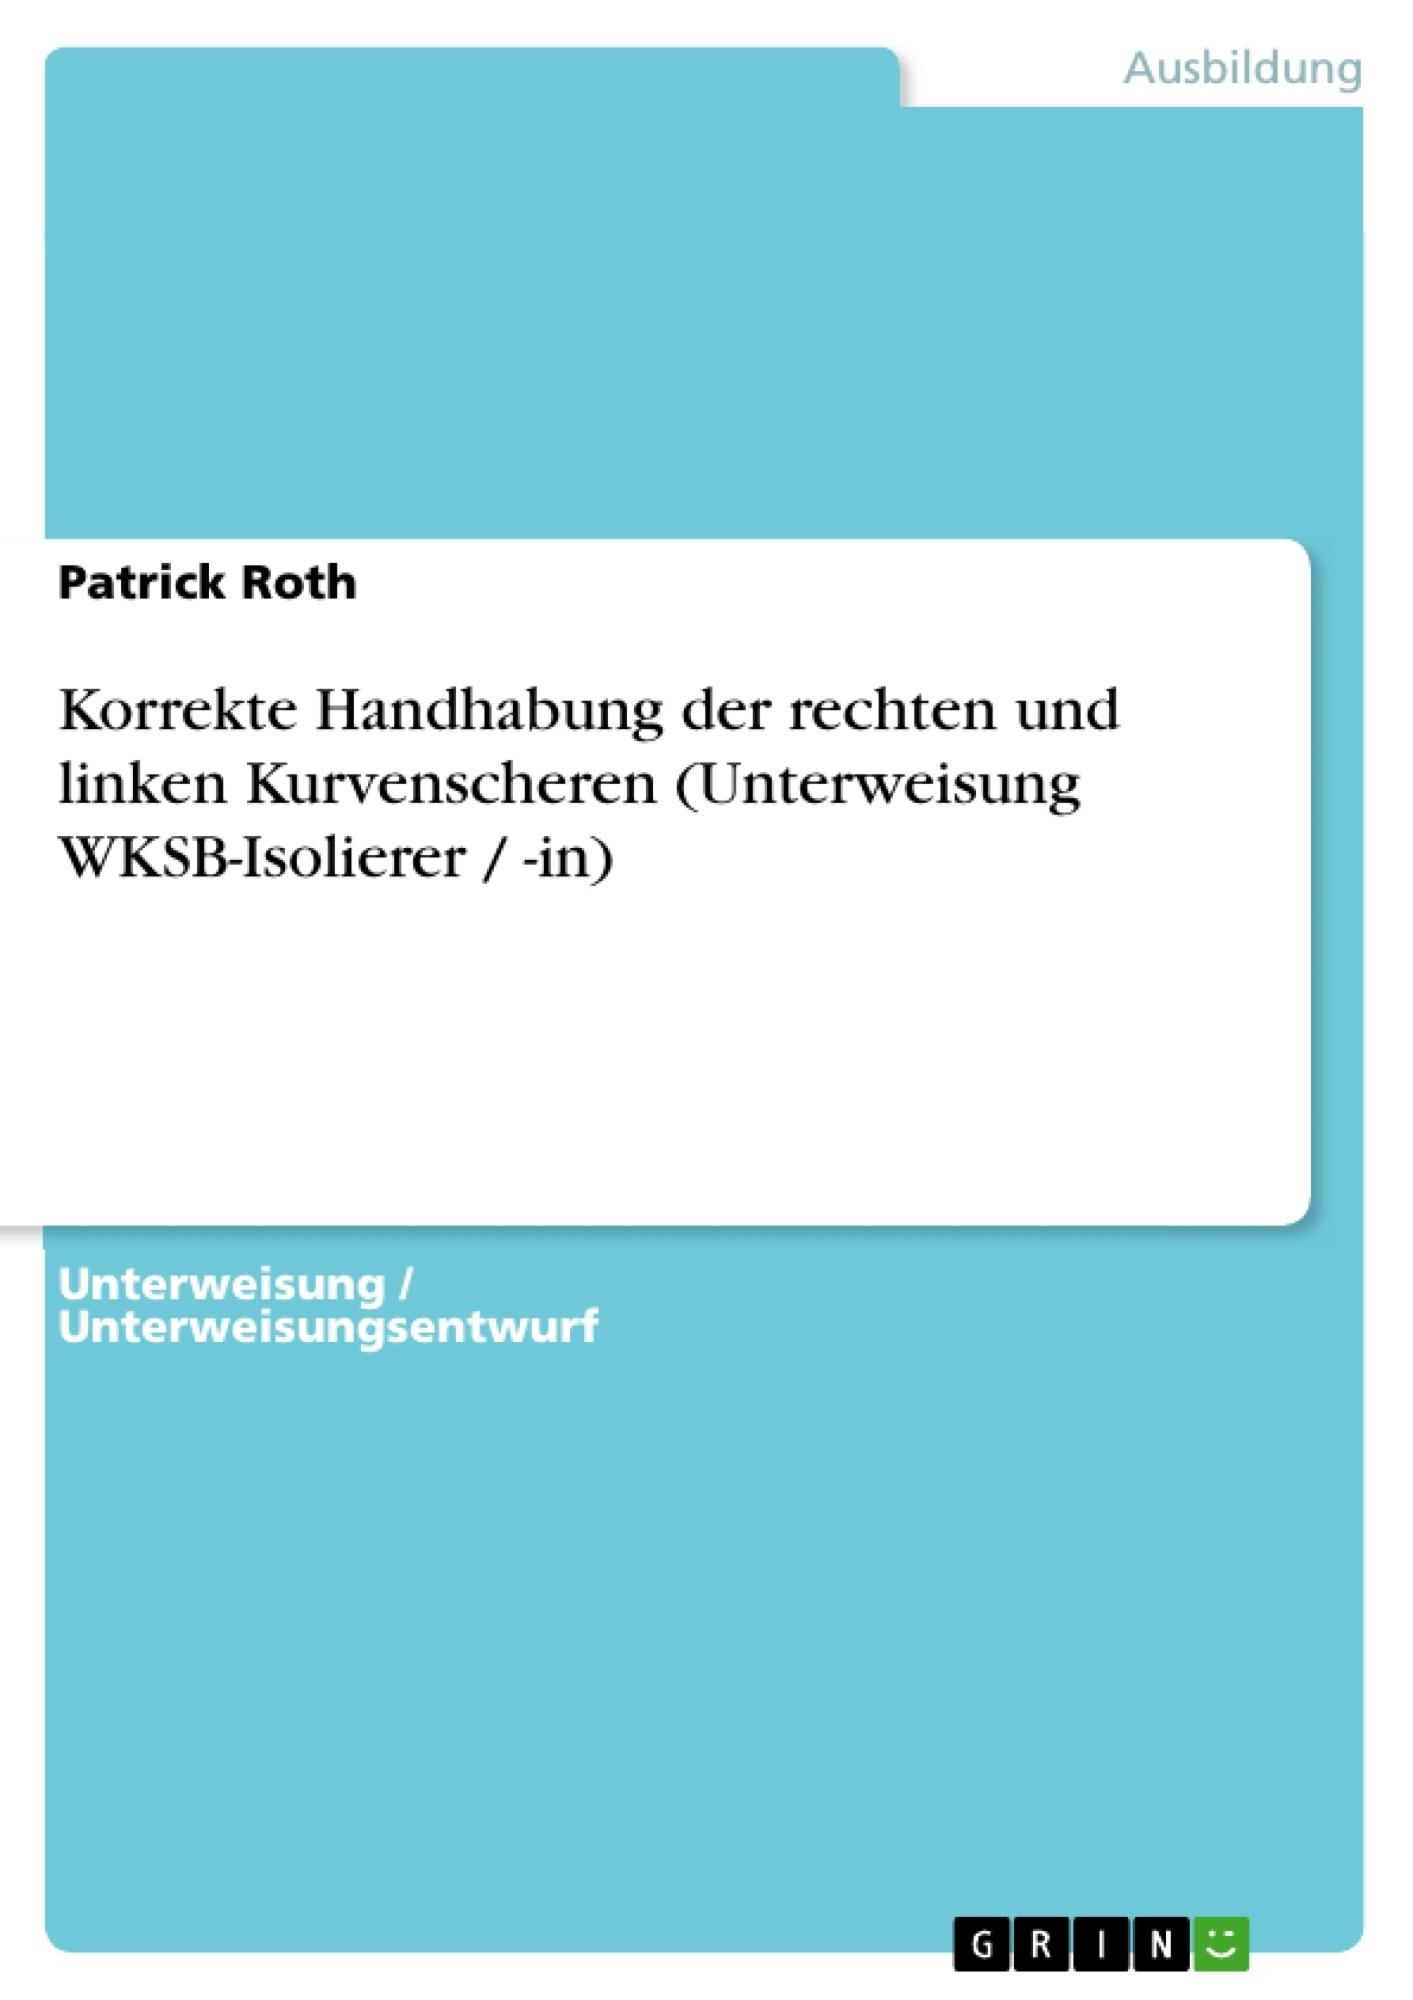 Titel: Korrekte Handhabung der rechten und linken Kurvenscheren (Unterweisung WKSB-Isolierer / -in)